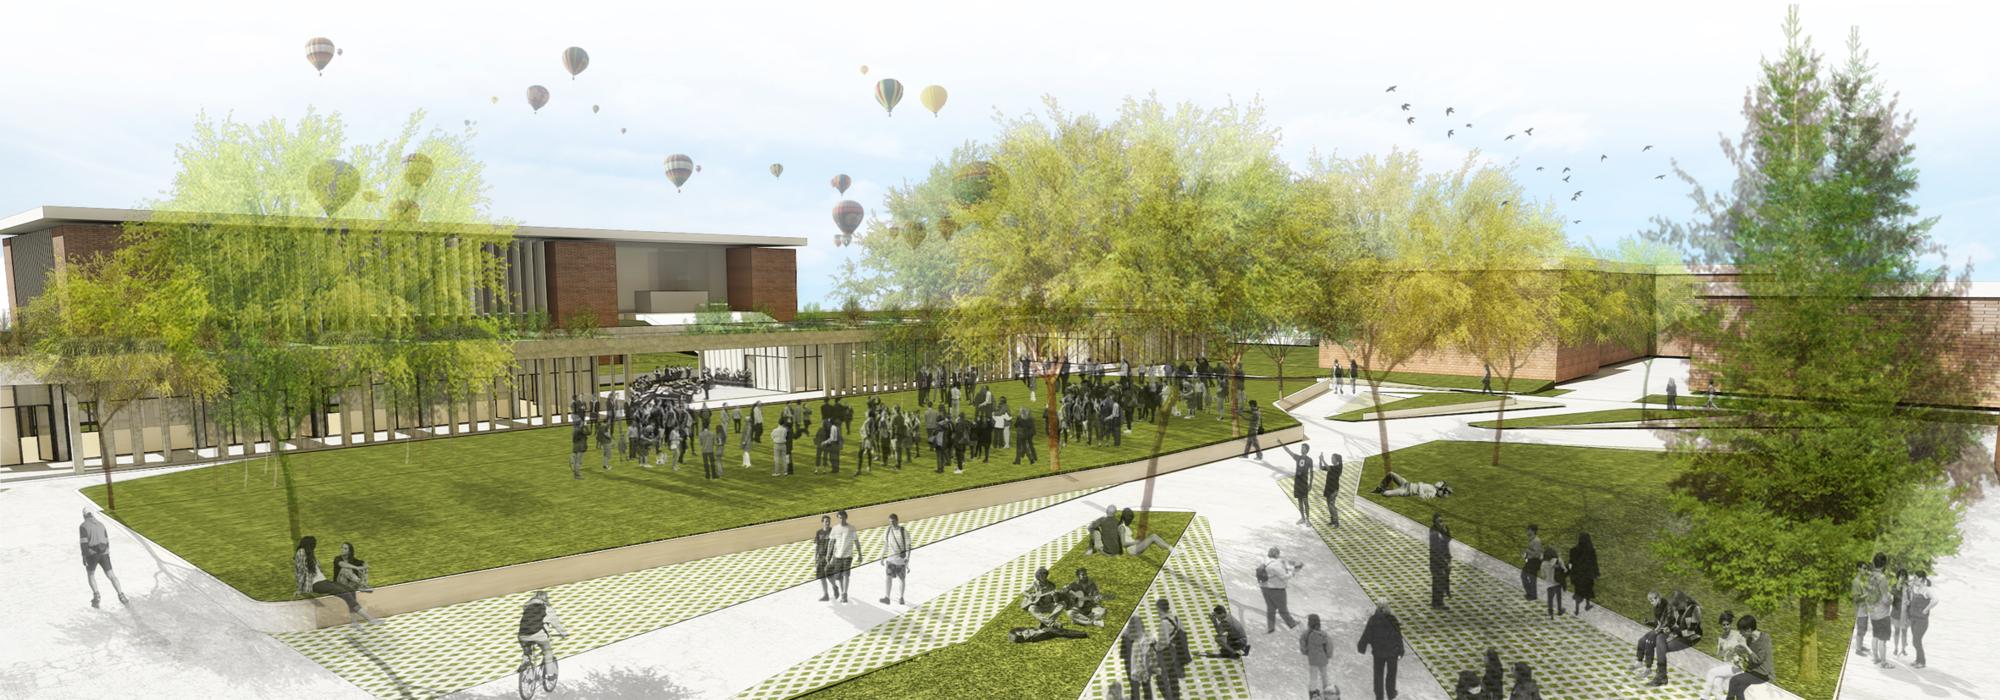 Primer lugar concurso para el master plan campus for Plan de arquitectura